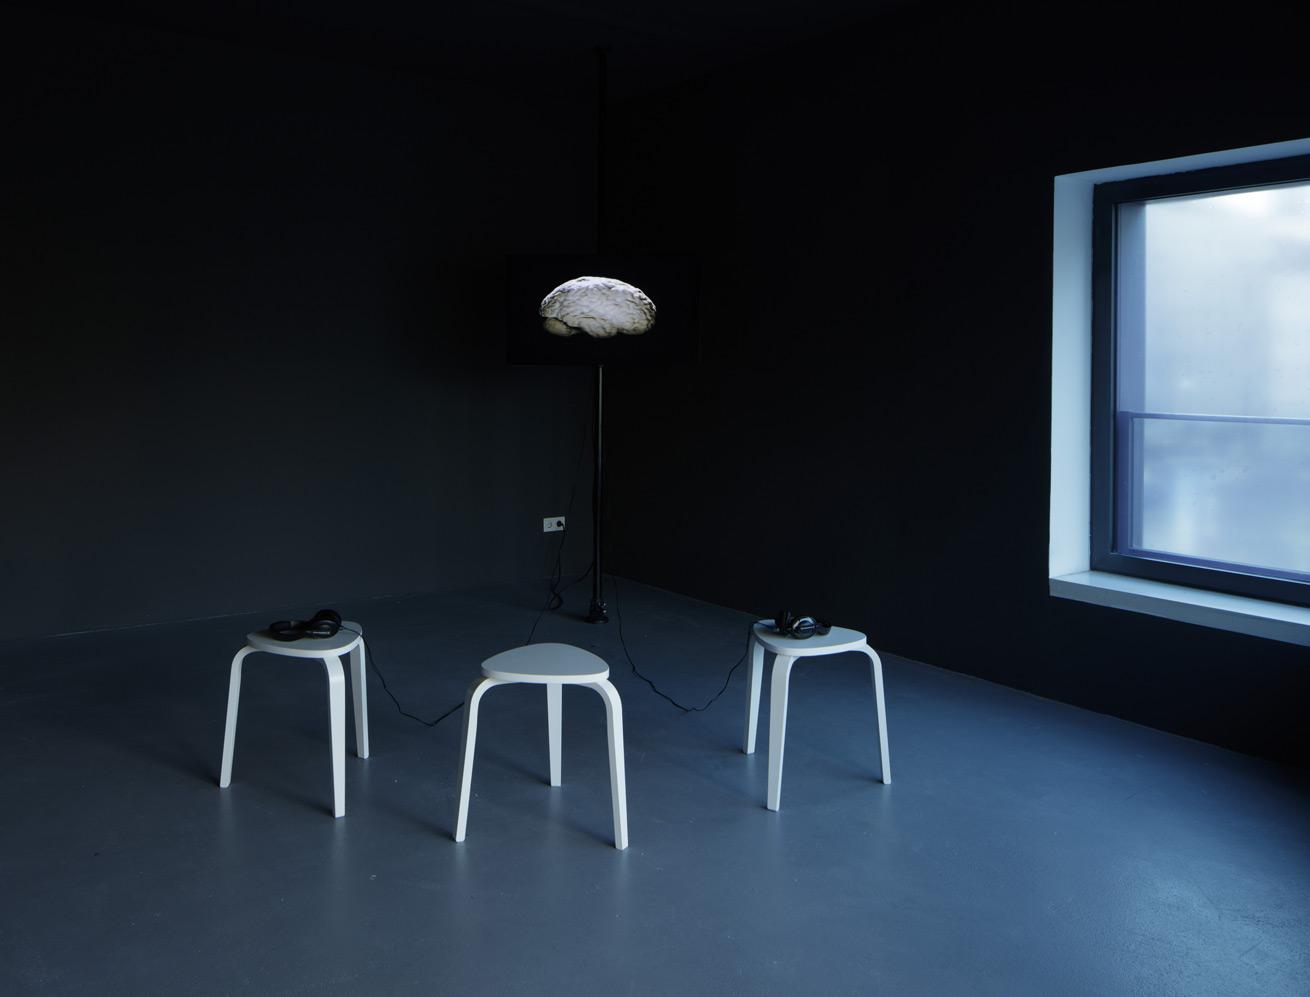 Dafna Maimon, The She The Same, 2014 - Installationsansicht